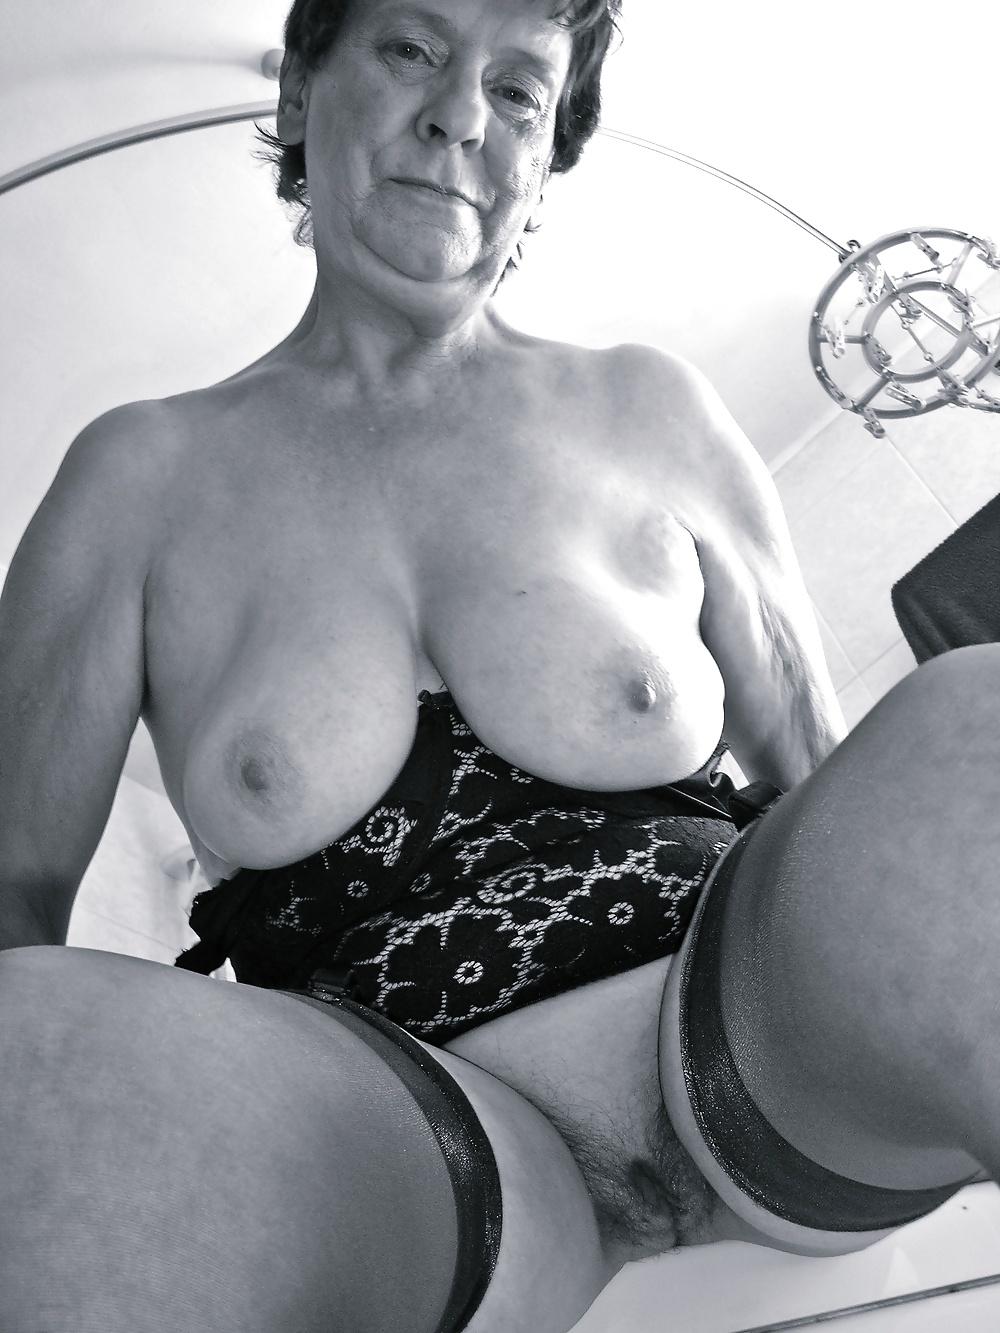 Retro Granny Pics